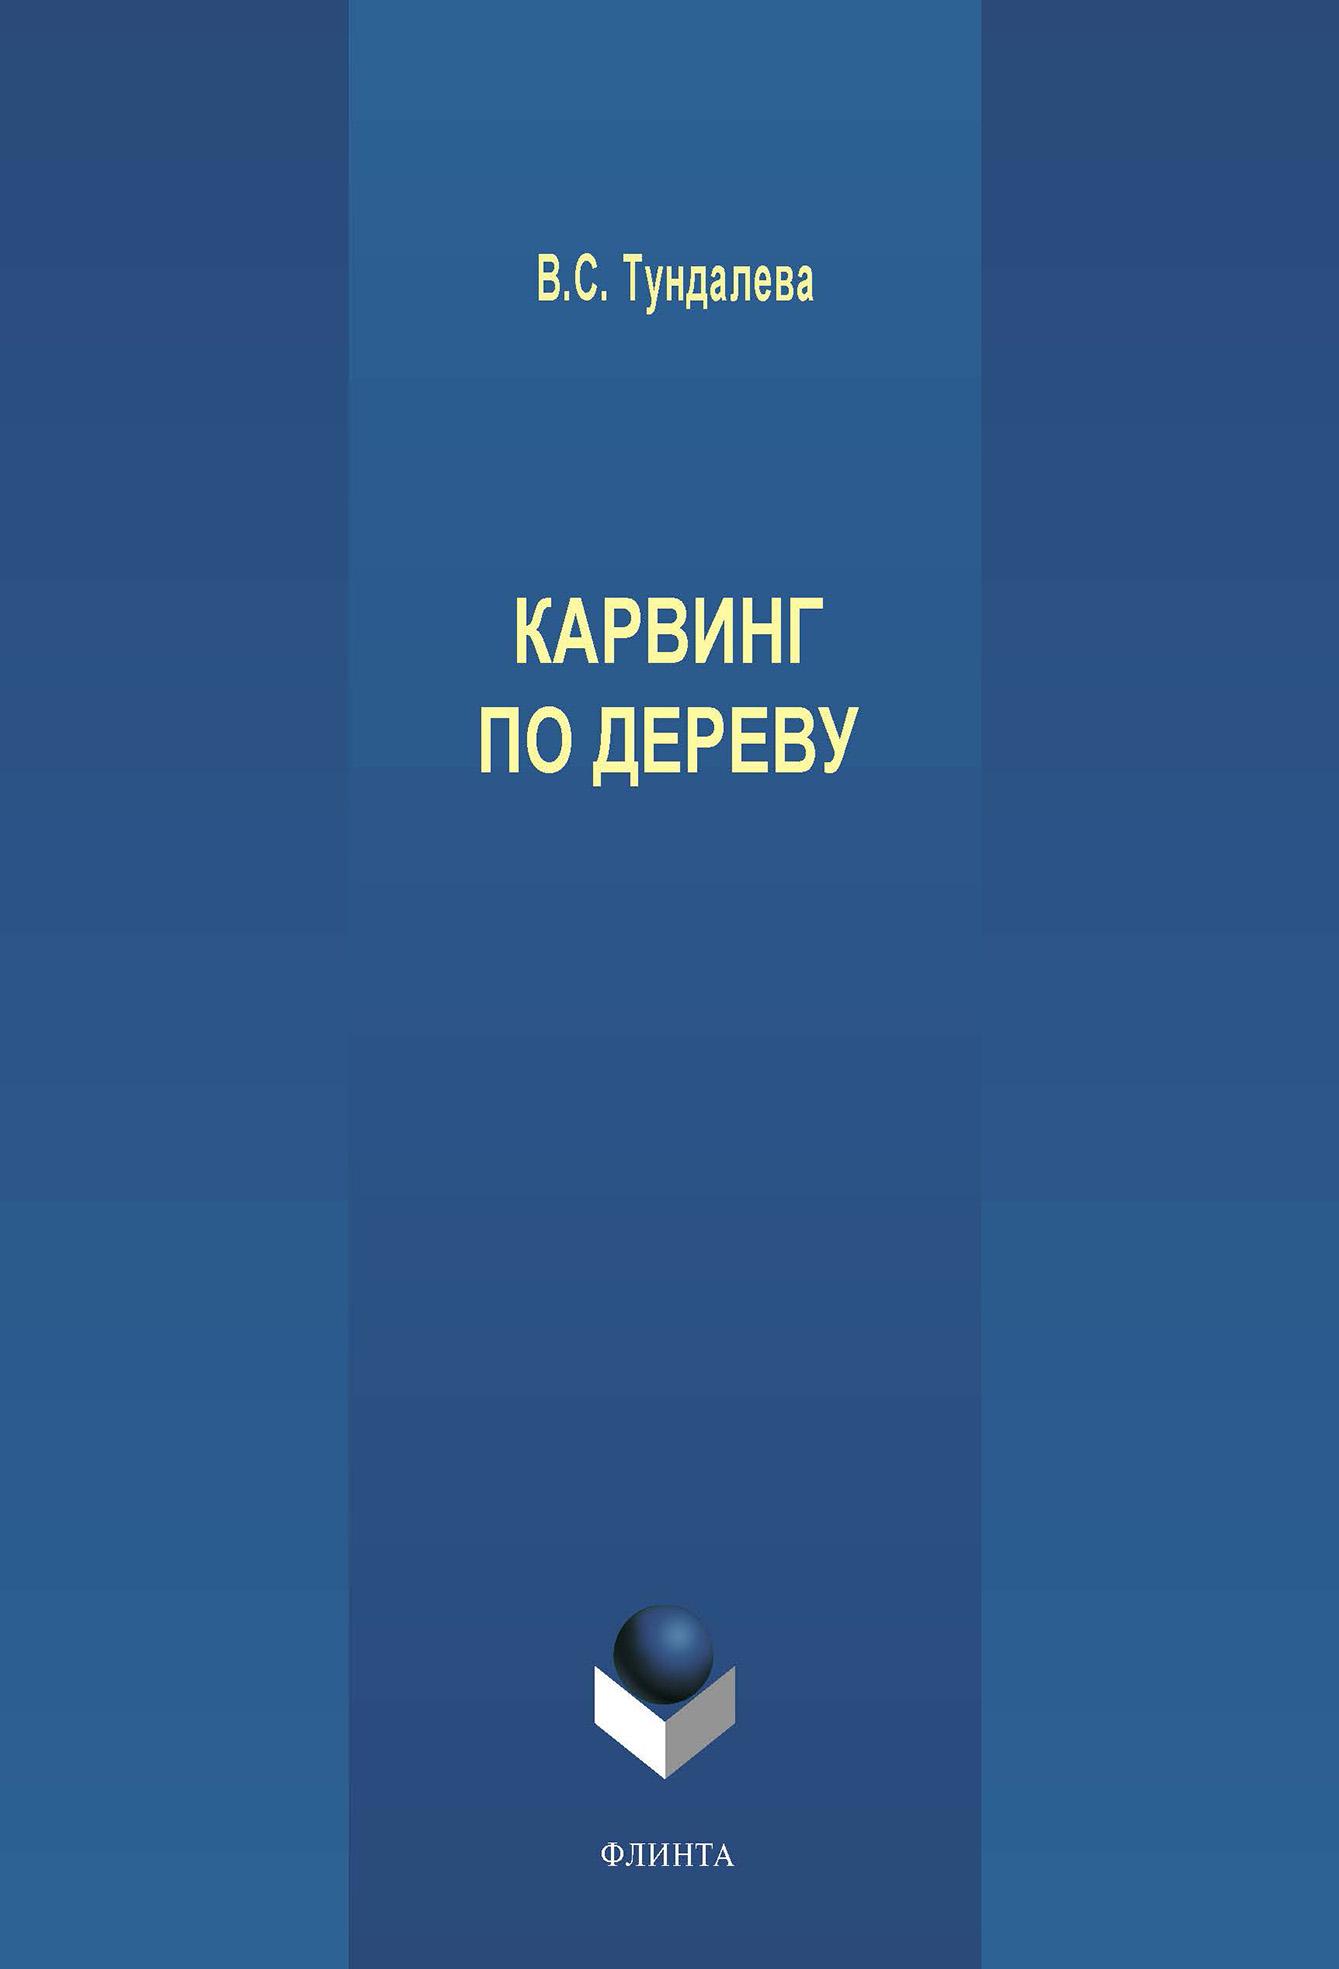 Купить книгу Карвинг по дереву, автора Виктории Тундалевой